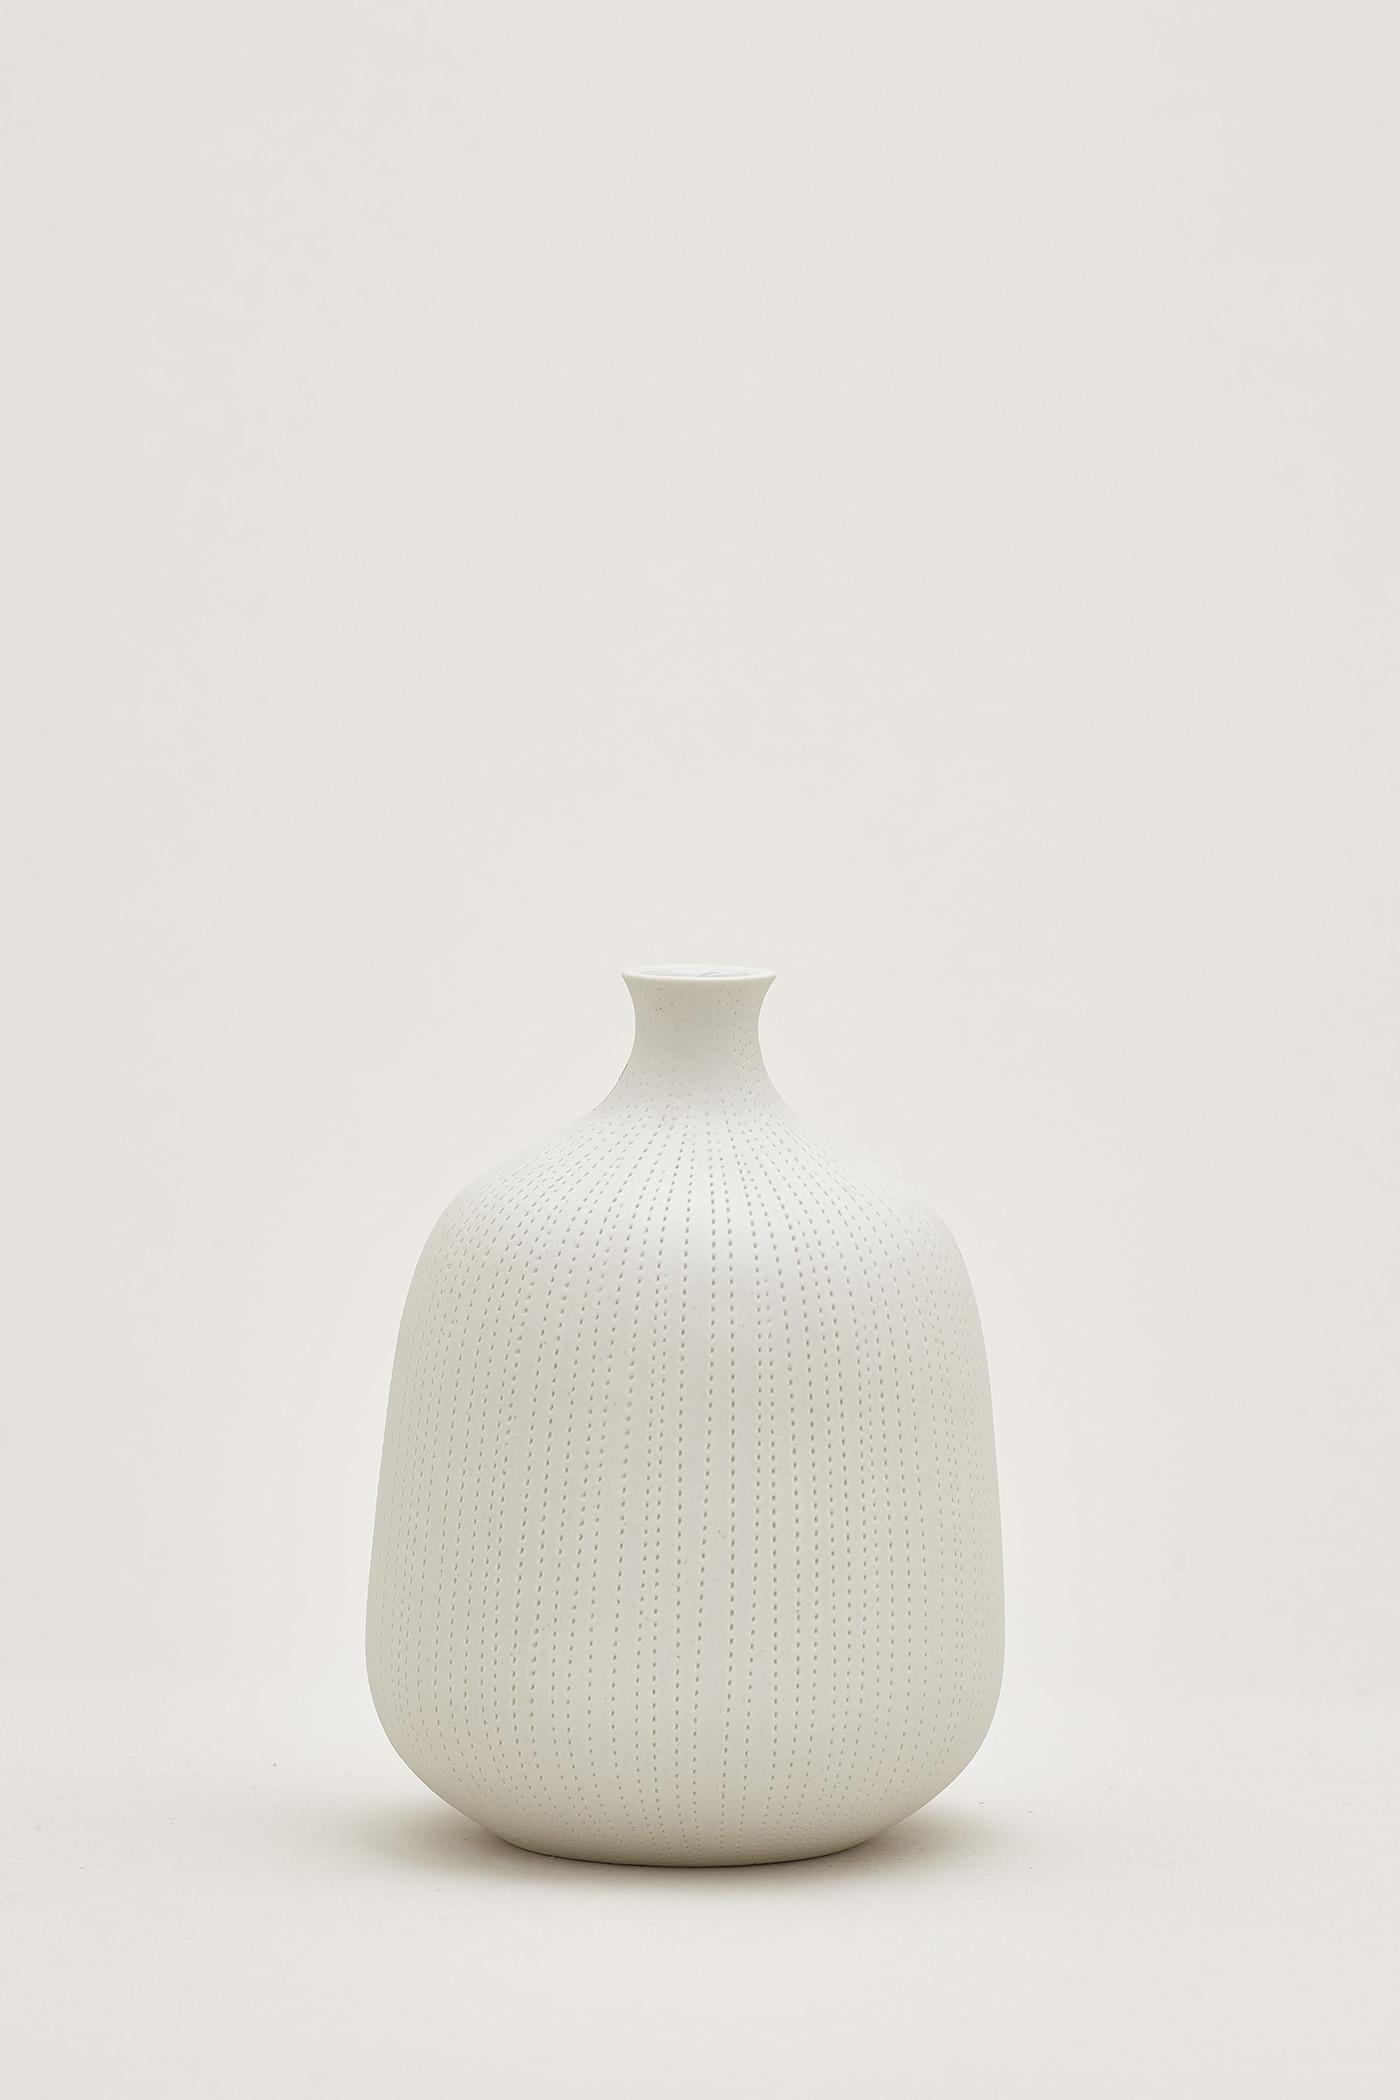 Yuki Dotted Round Vase